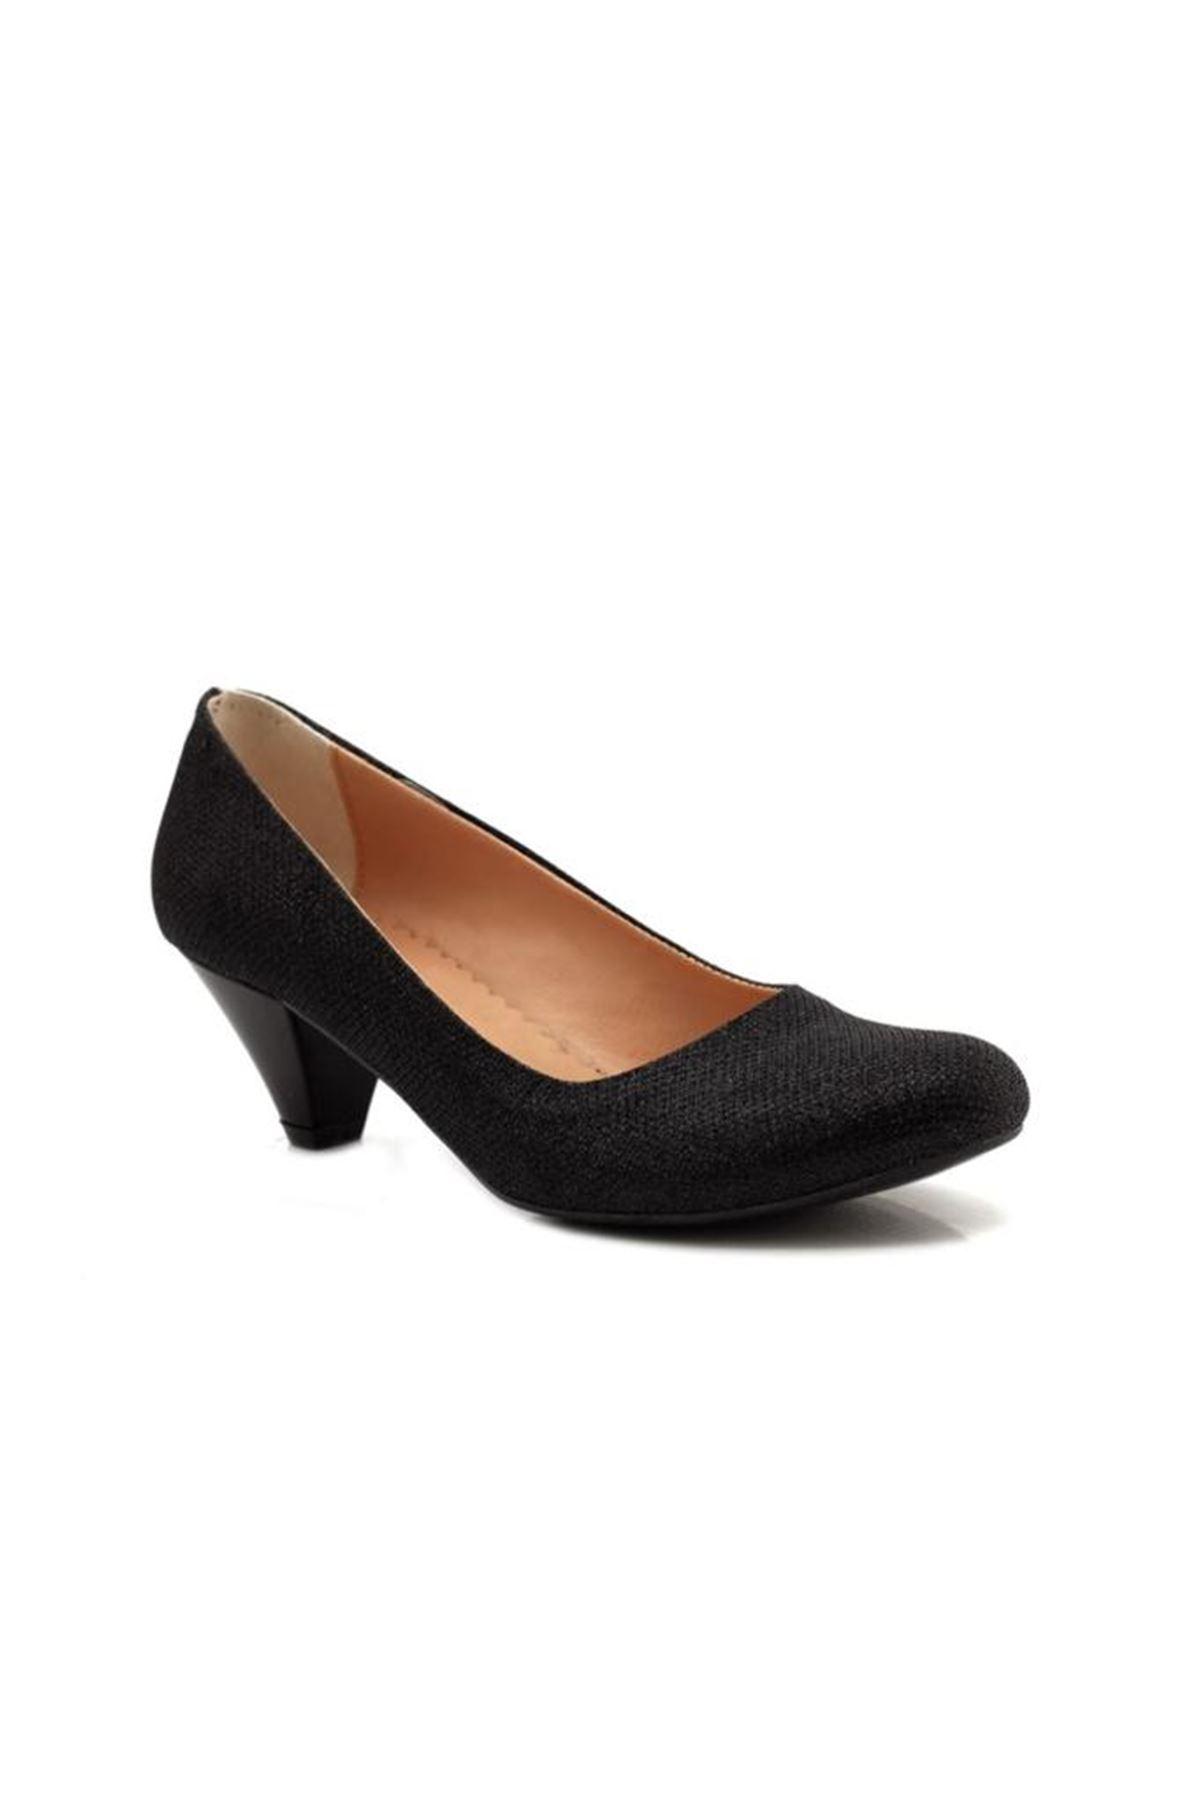 Carino Siyah Alçak Topuk Bayan Ayakkabı